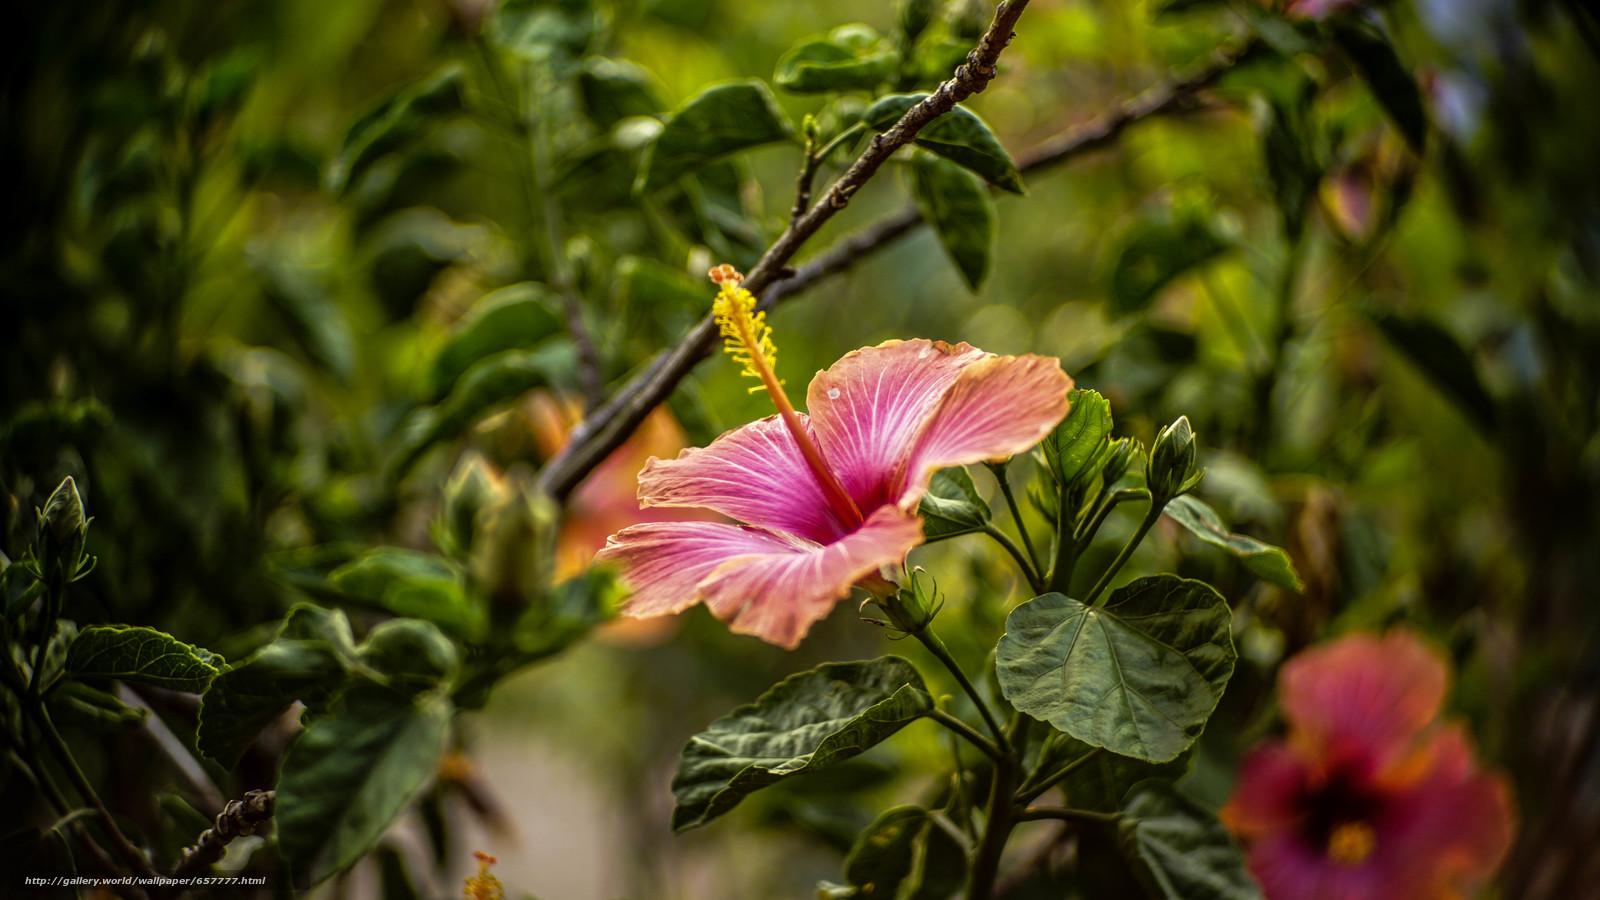 Tlcharger Fond d'ecran Fleurs,  fleur,  exotique,  Macro Fonds d'ecran gratuits pour votre rsolution du bureau 6000x3376 — image №657777